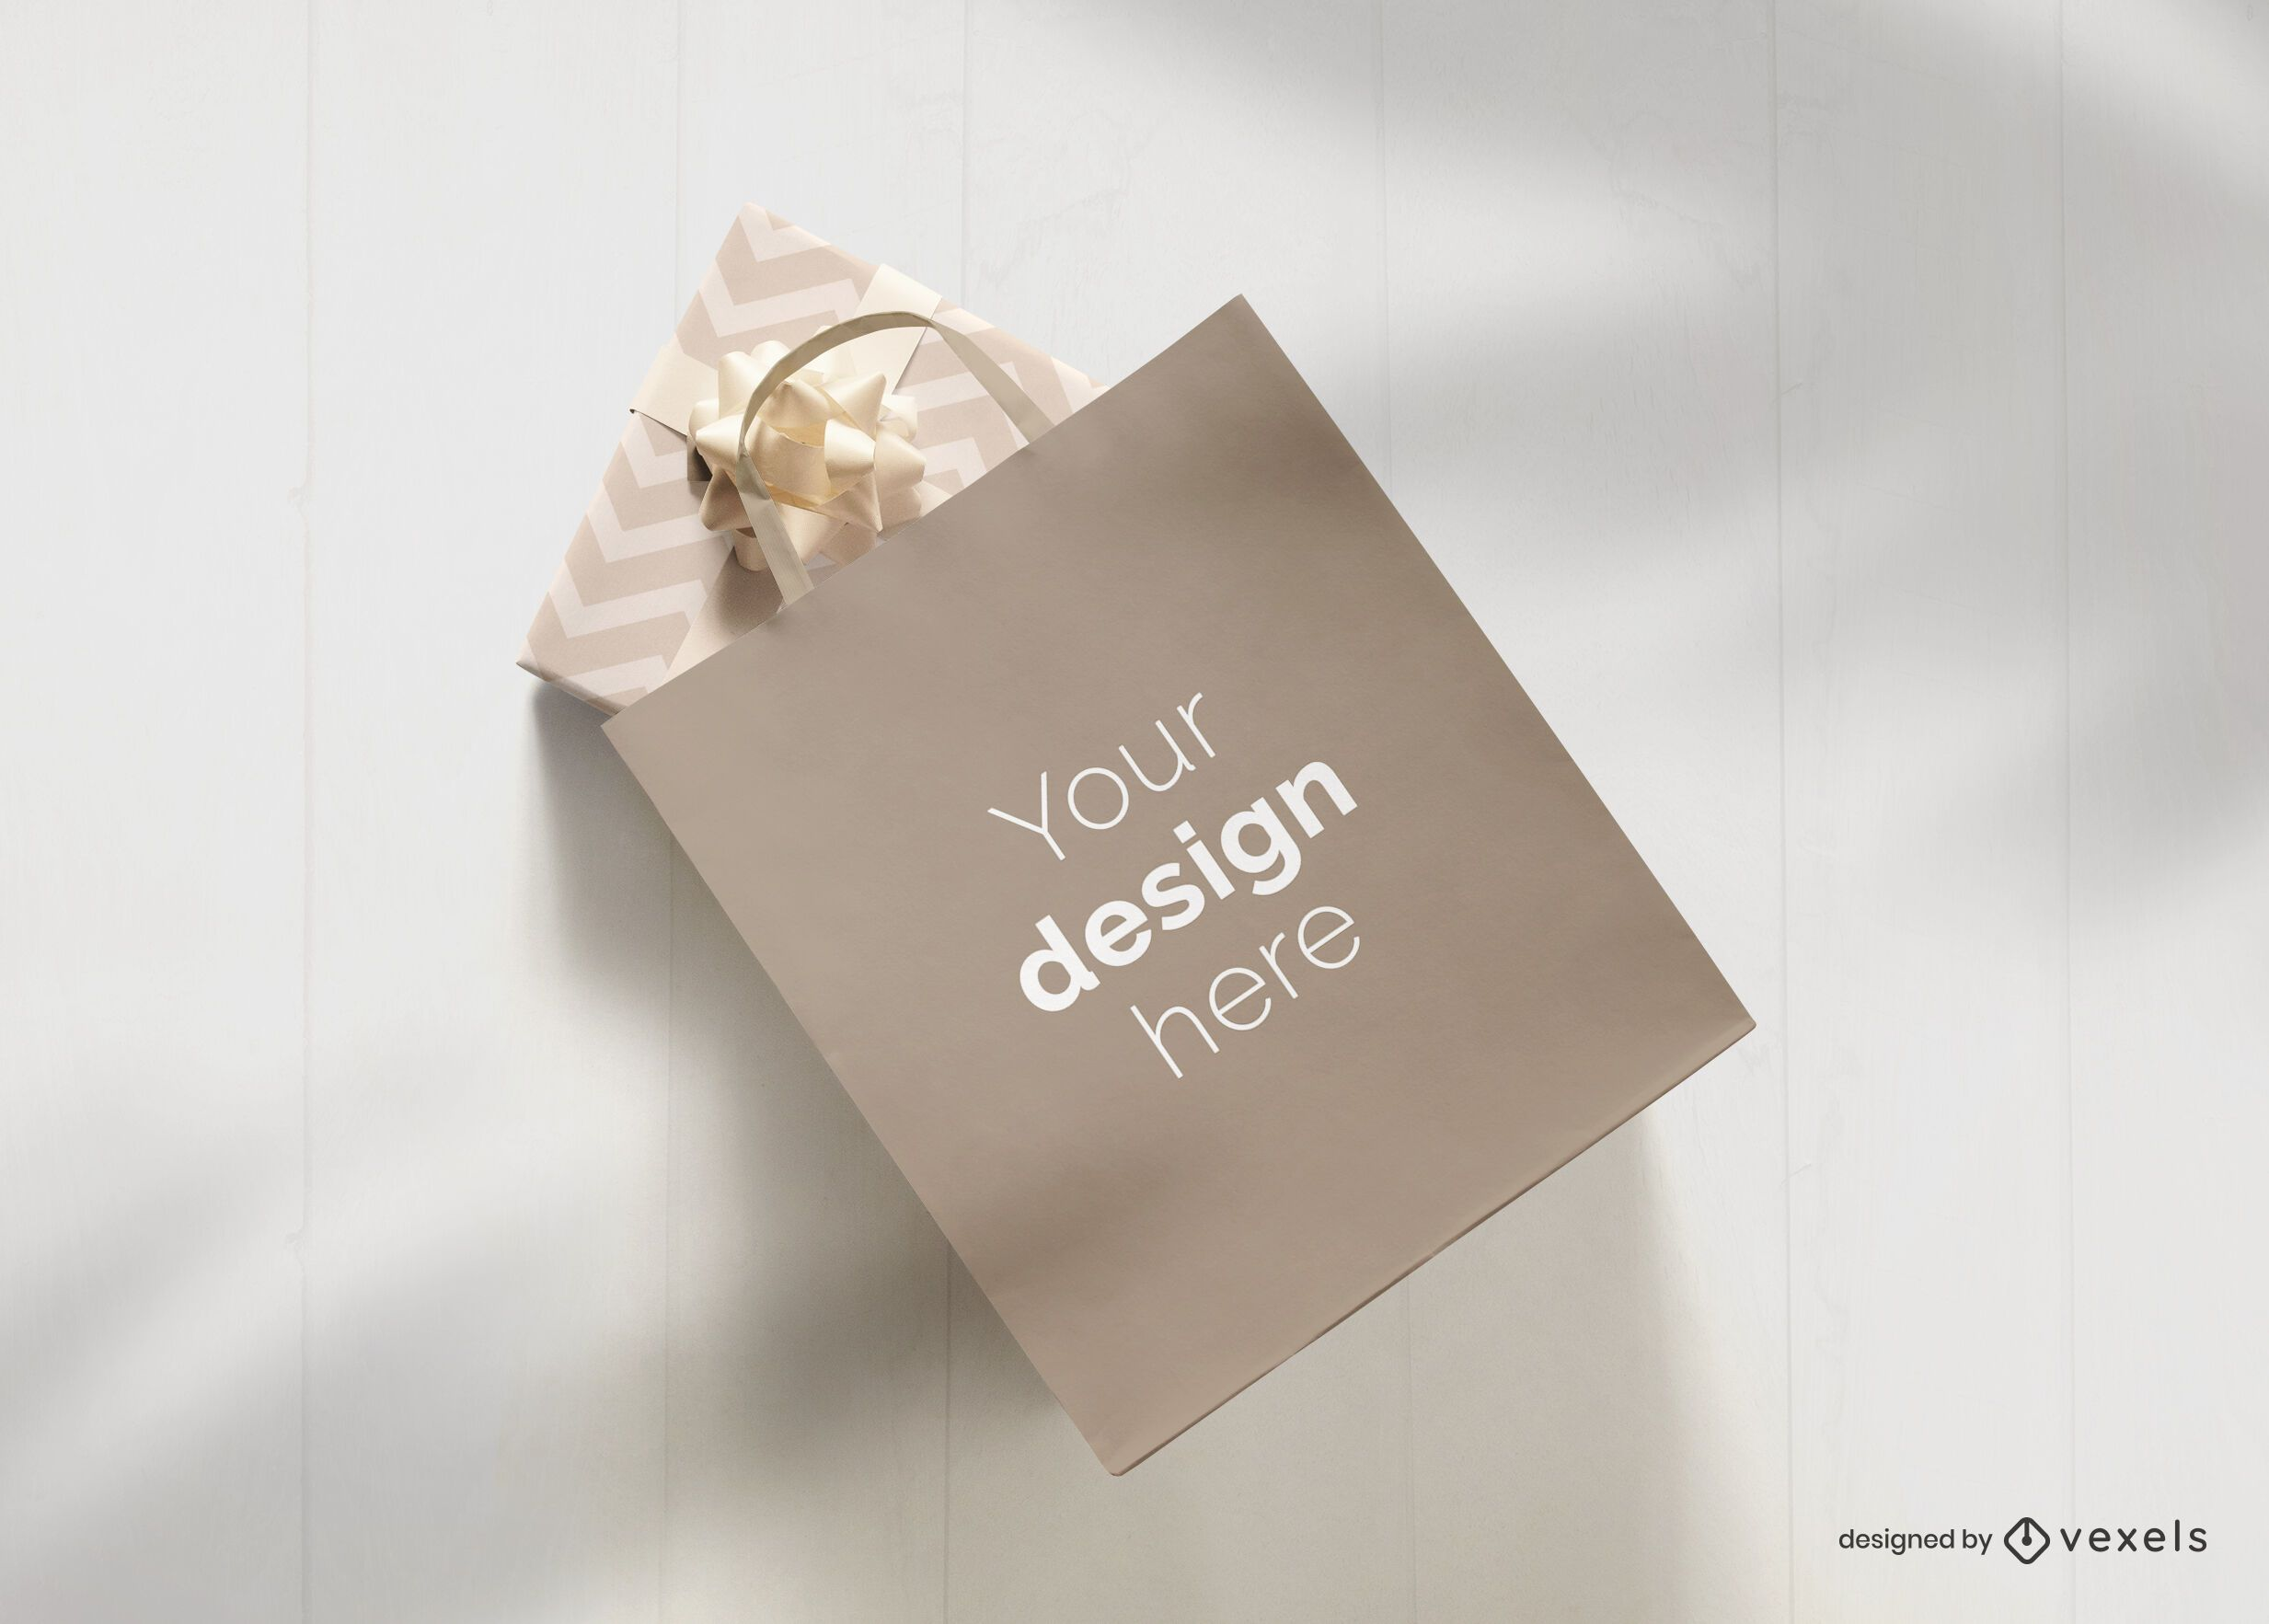 Projeto da maquete do presente do saco de papel